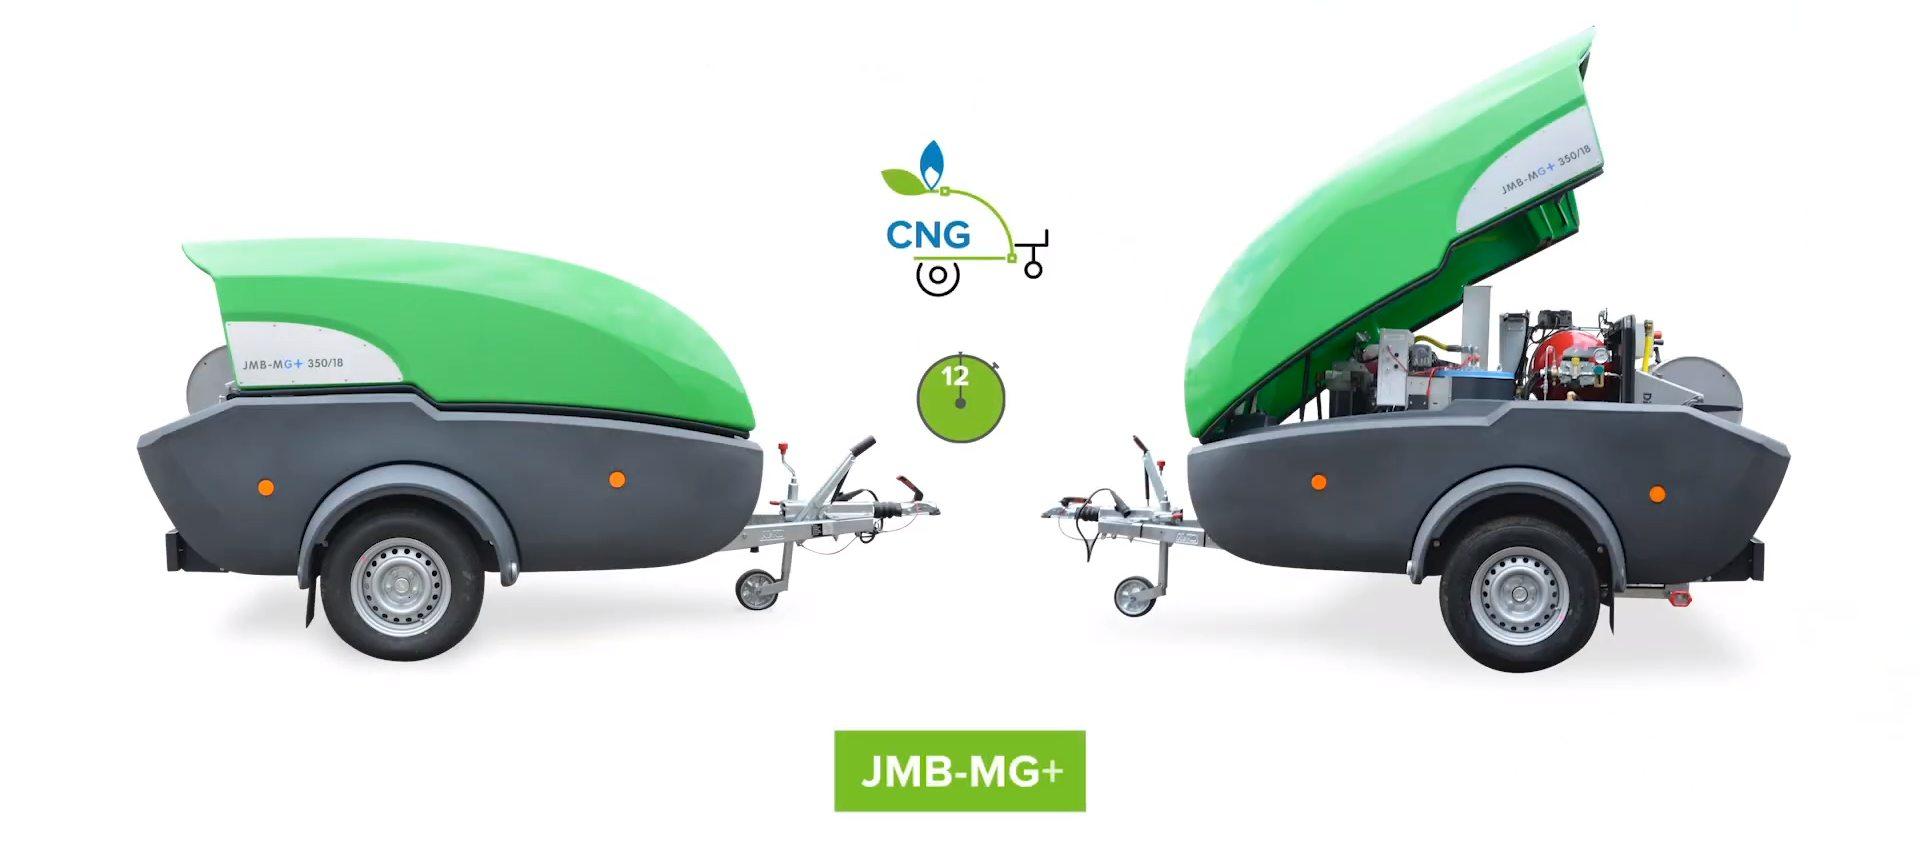 Myjka DiBO JMB-MG+ zasilana sprężonym gazem ziemnym CNG